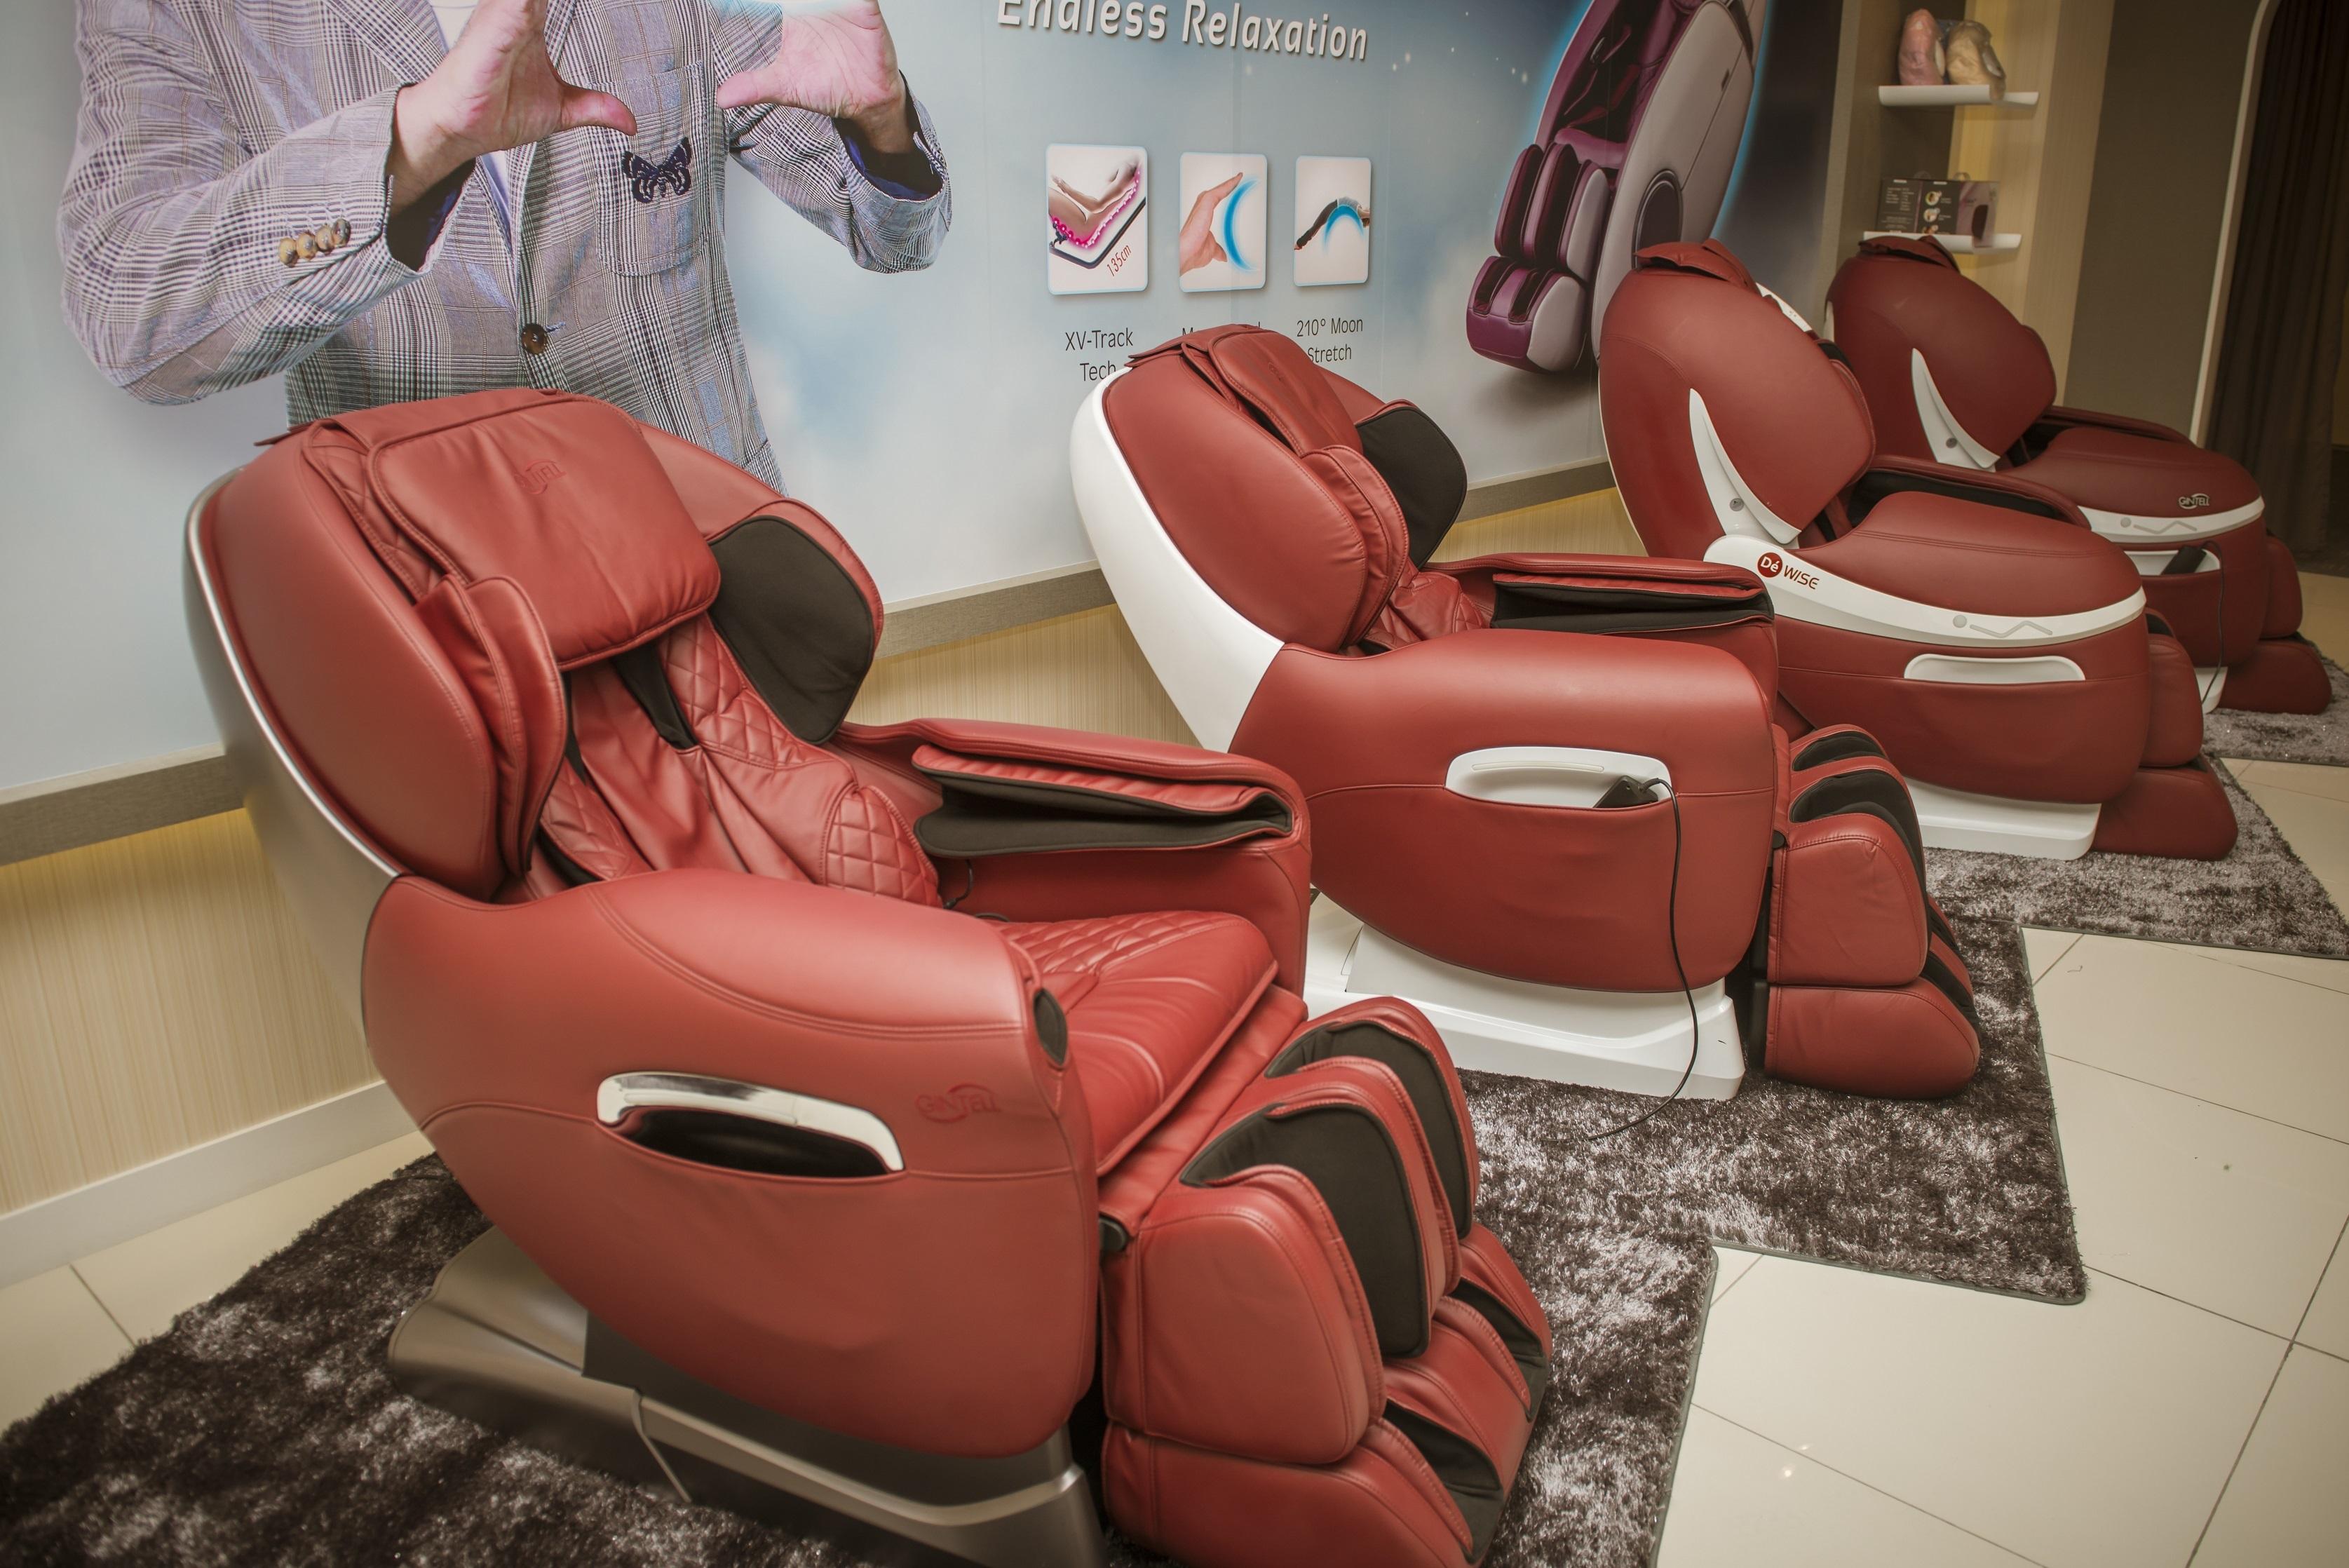 en lacase chair product massage mu cost dsc